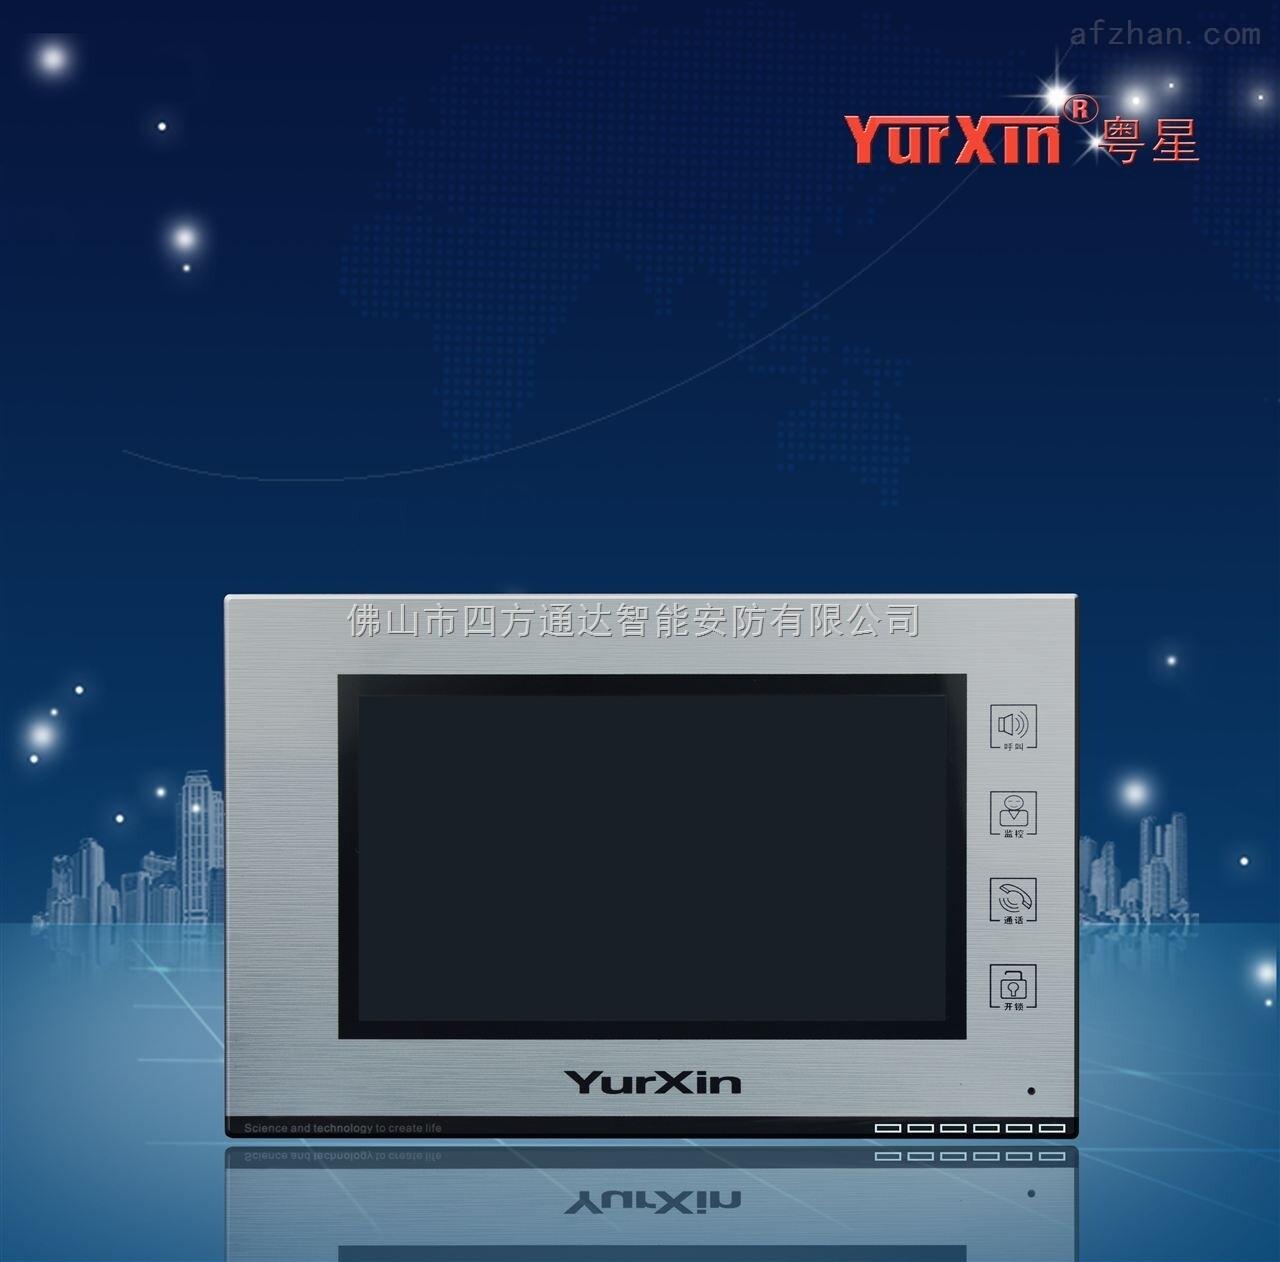 yx-m36l长治市粤星智能楼宇对讲系统m36l内机-产品